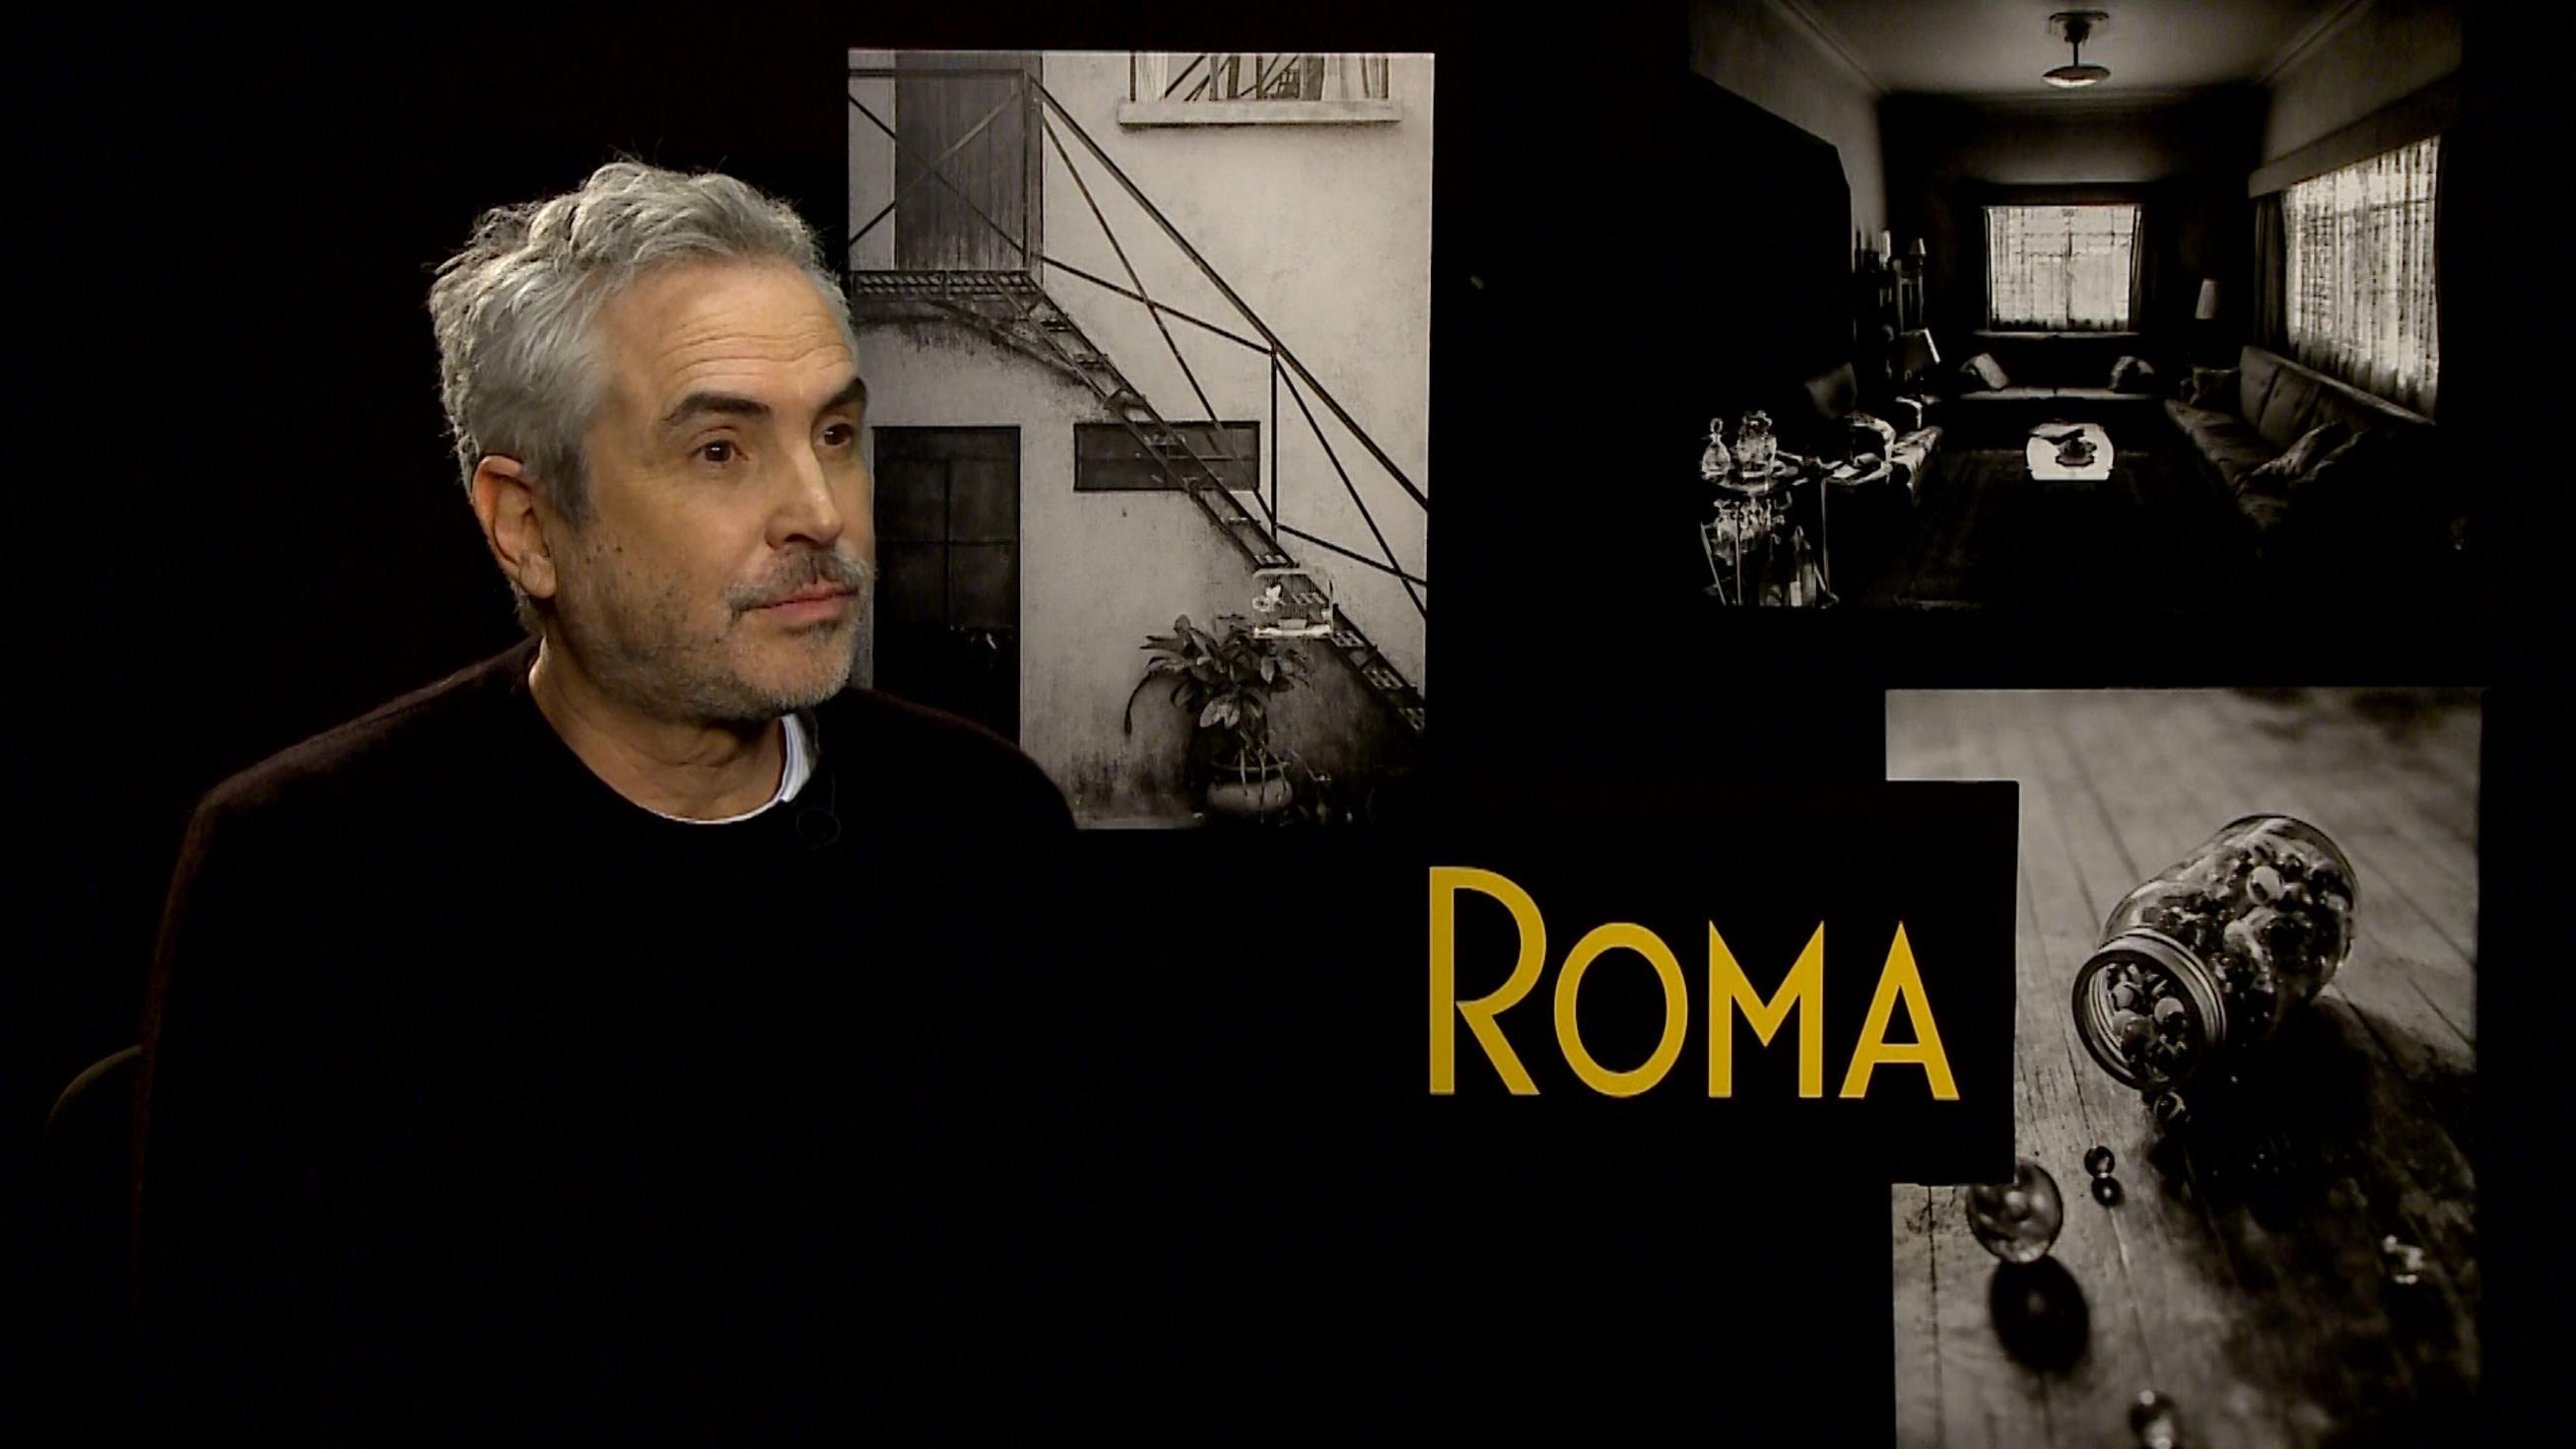 """Película """"Roma"""" es un garbanzo de a libra, asegura Director de TV UNAM"""